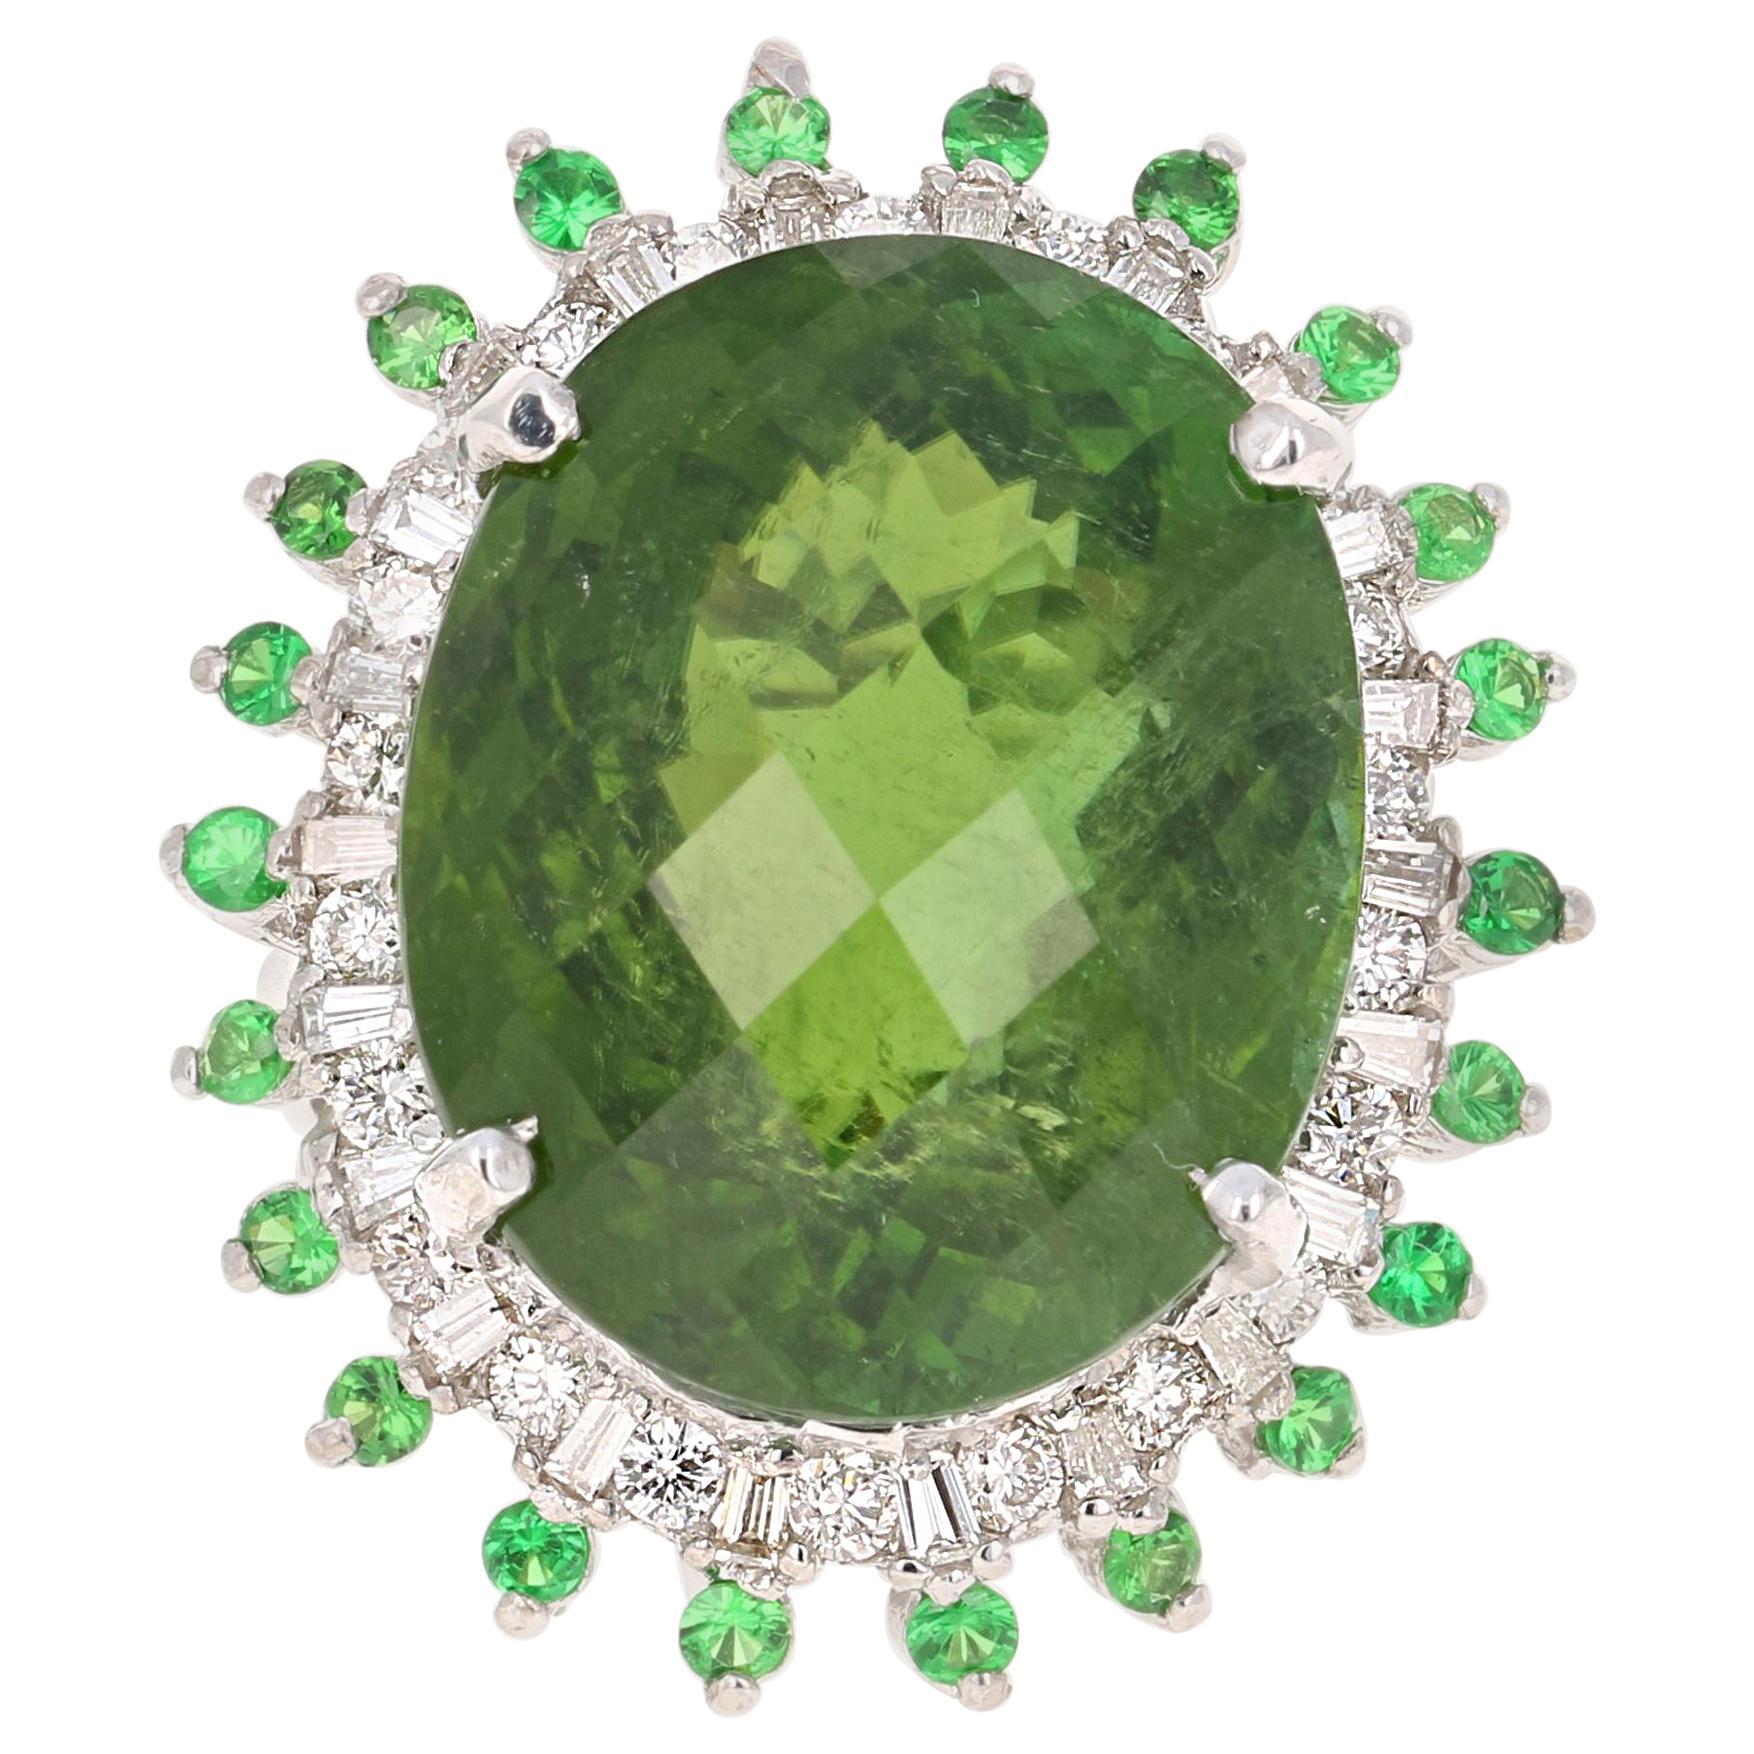 28.03 Carat Green Tourmaline Tsavorite Diamond 14 Karat White Gold Cocktail Ring